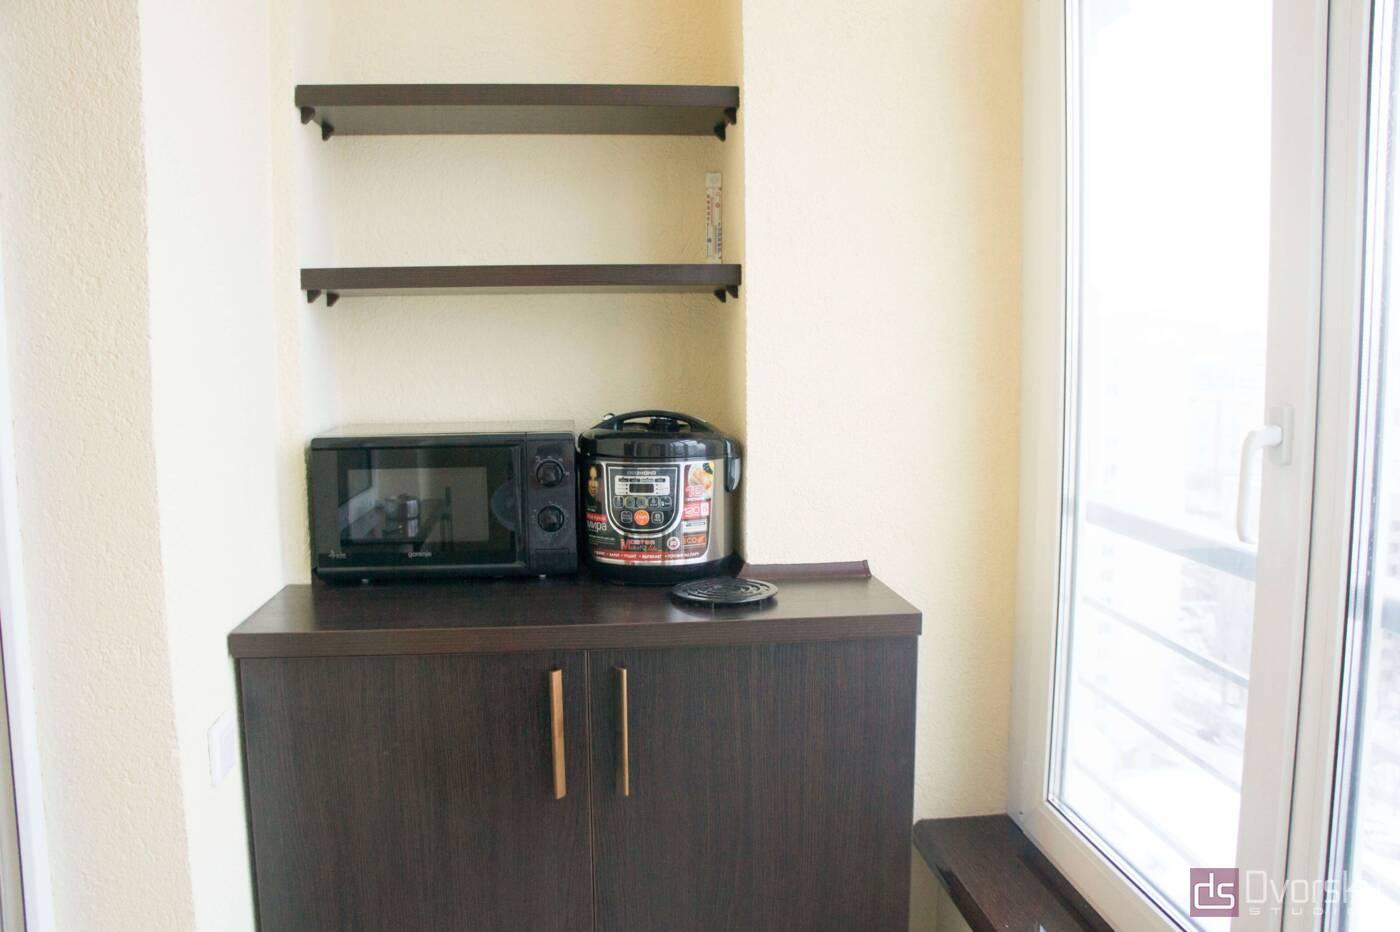 Меблі на балкон Тумба з полками для балкона - Фото № 1